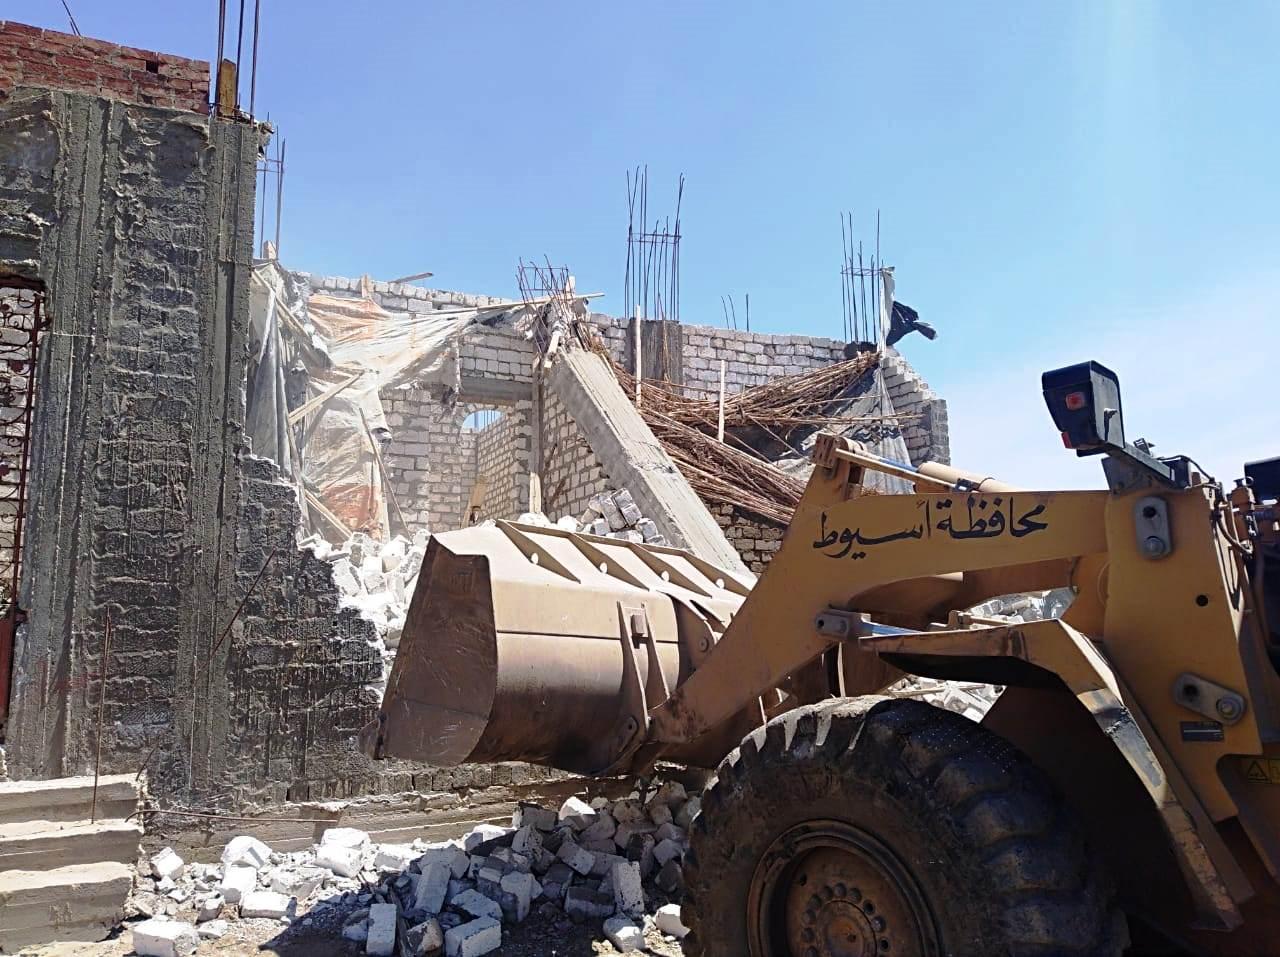 استمرار حملات إزالة مخالفات البناء والتعدي على الارض الزراعية بمراكز المحافظة (11)